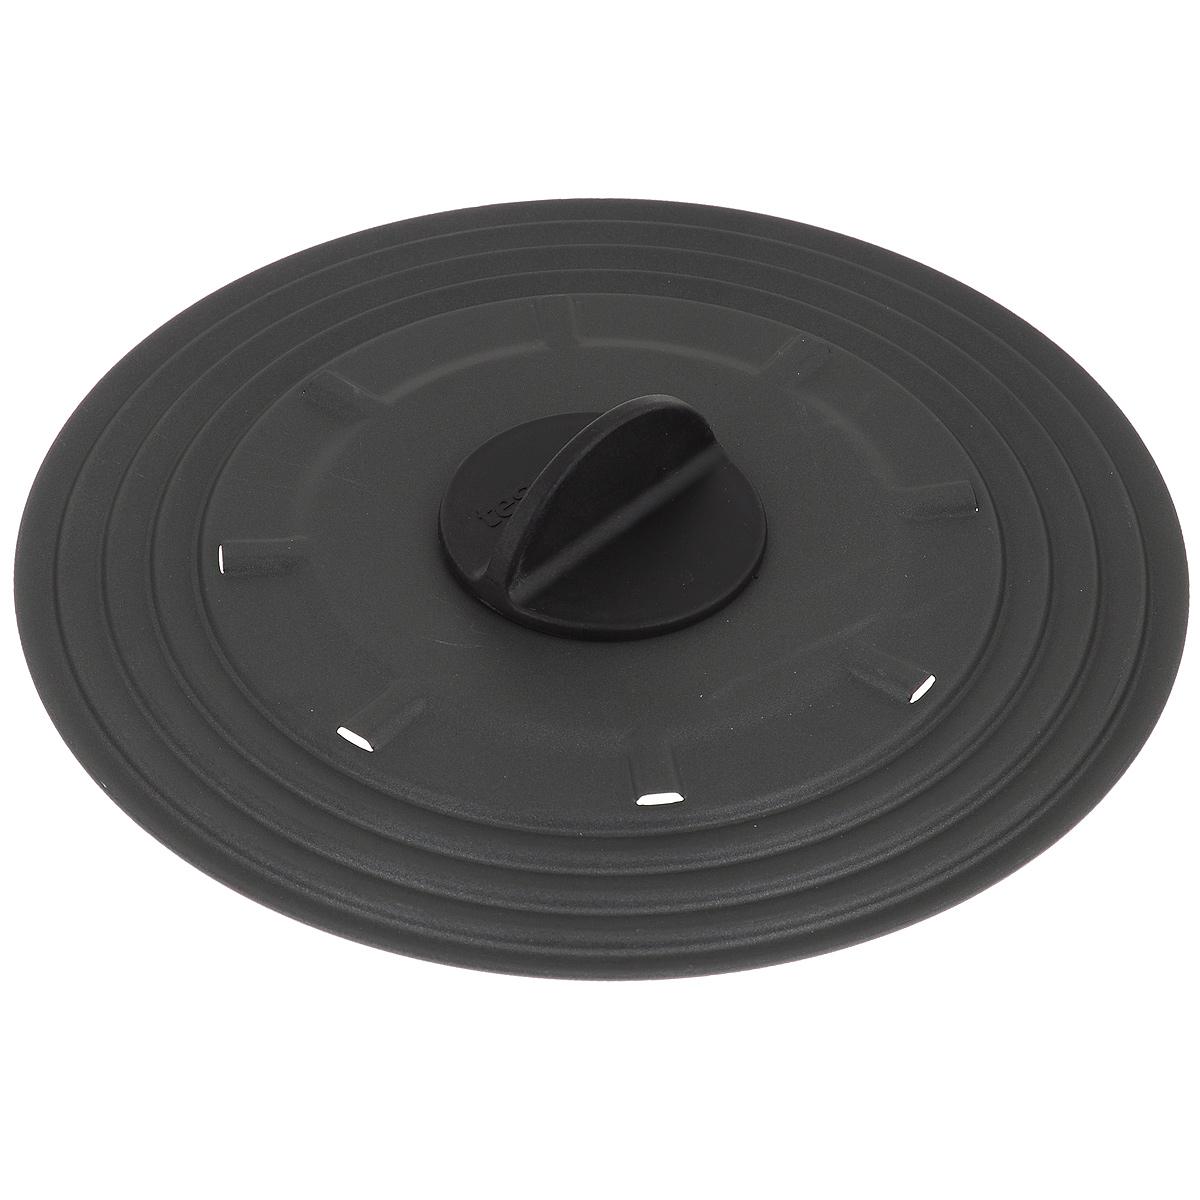 Крышка универсальная Tescoma Presto, для сковородок диаметром 20-24 см68/5/4Крышка Tescoma Presto подходит в качестве универсальной крышки к сковородам диаметром 20-24 см. Изготовлена из огнеупорного нейлона с высококачественным антипригарным покрытием для легкой очистки. Имеет несколько отверстий для выхода пара. Ручка не нагревается.Можно мыть в посудомоечной машине.